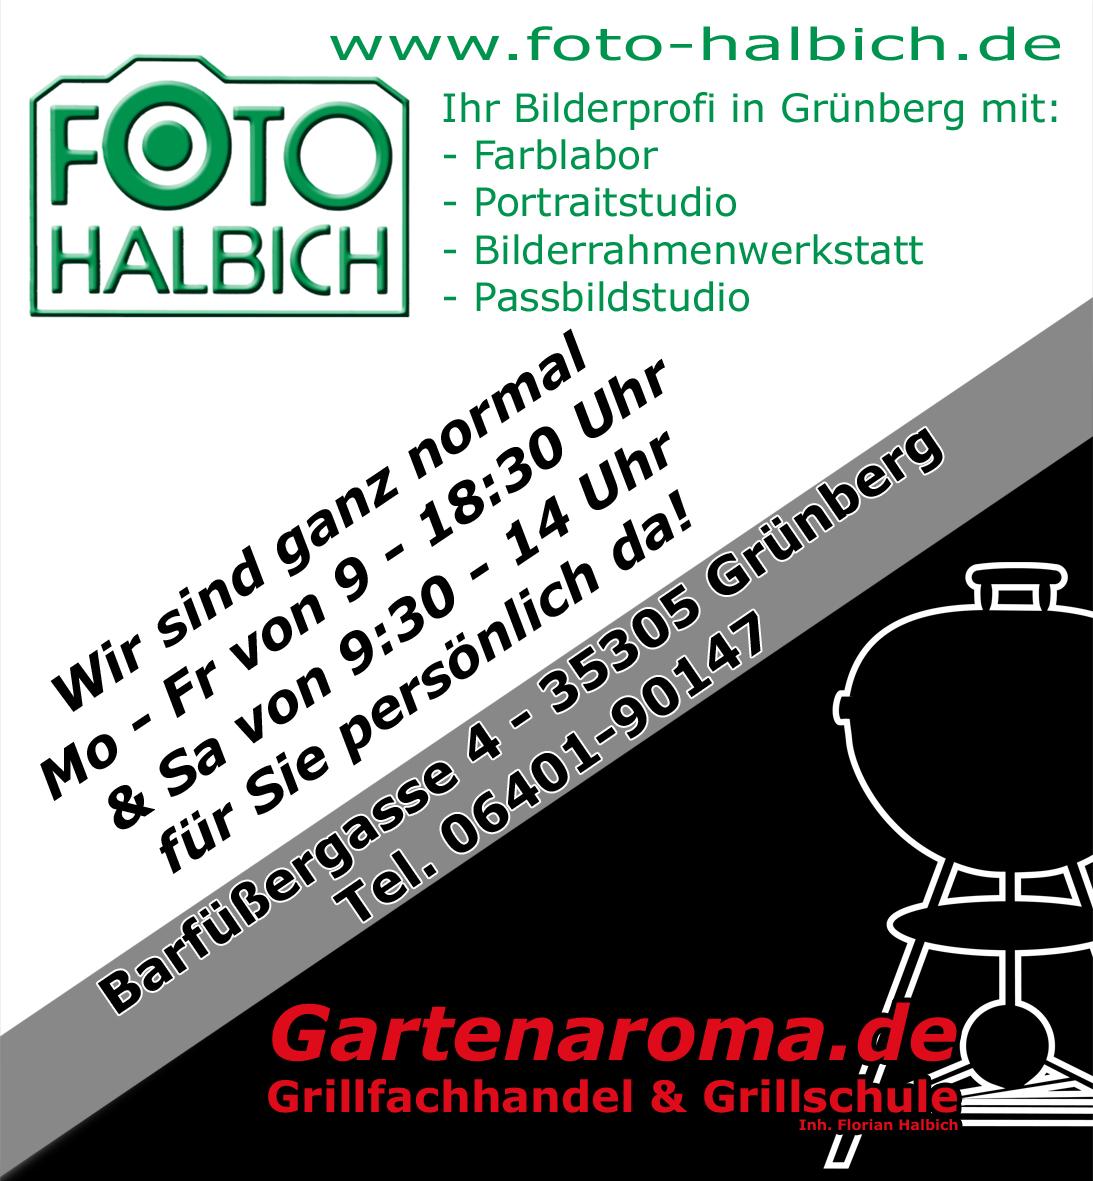 10x9-25-foto-und-grill